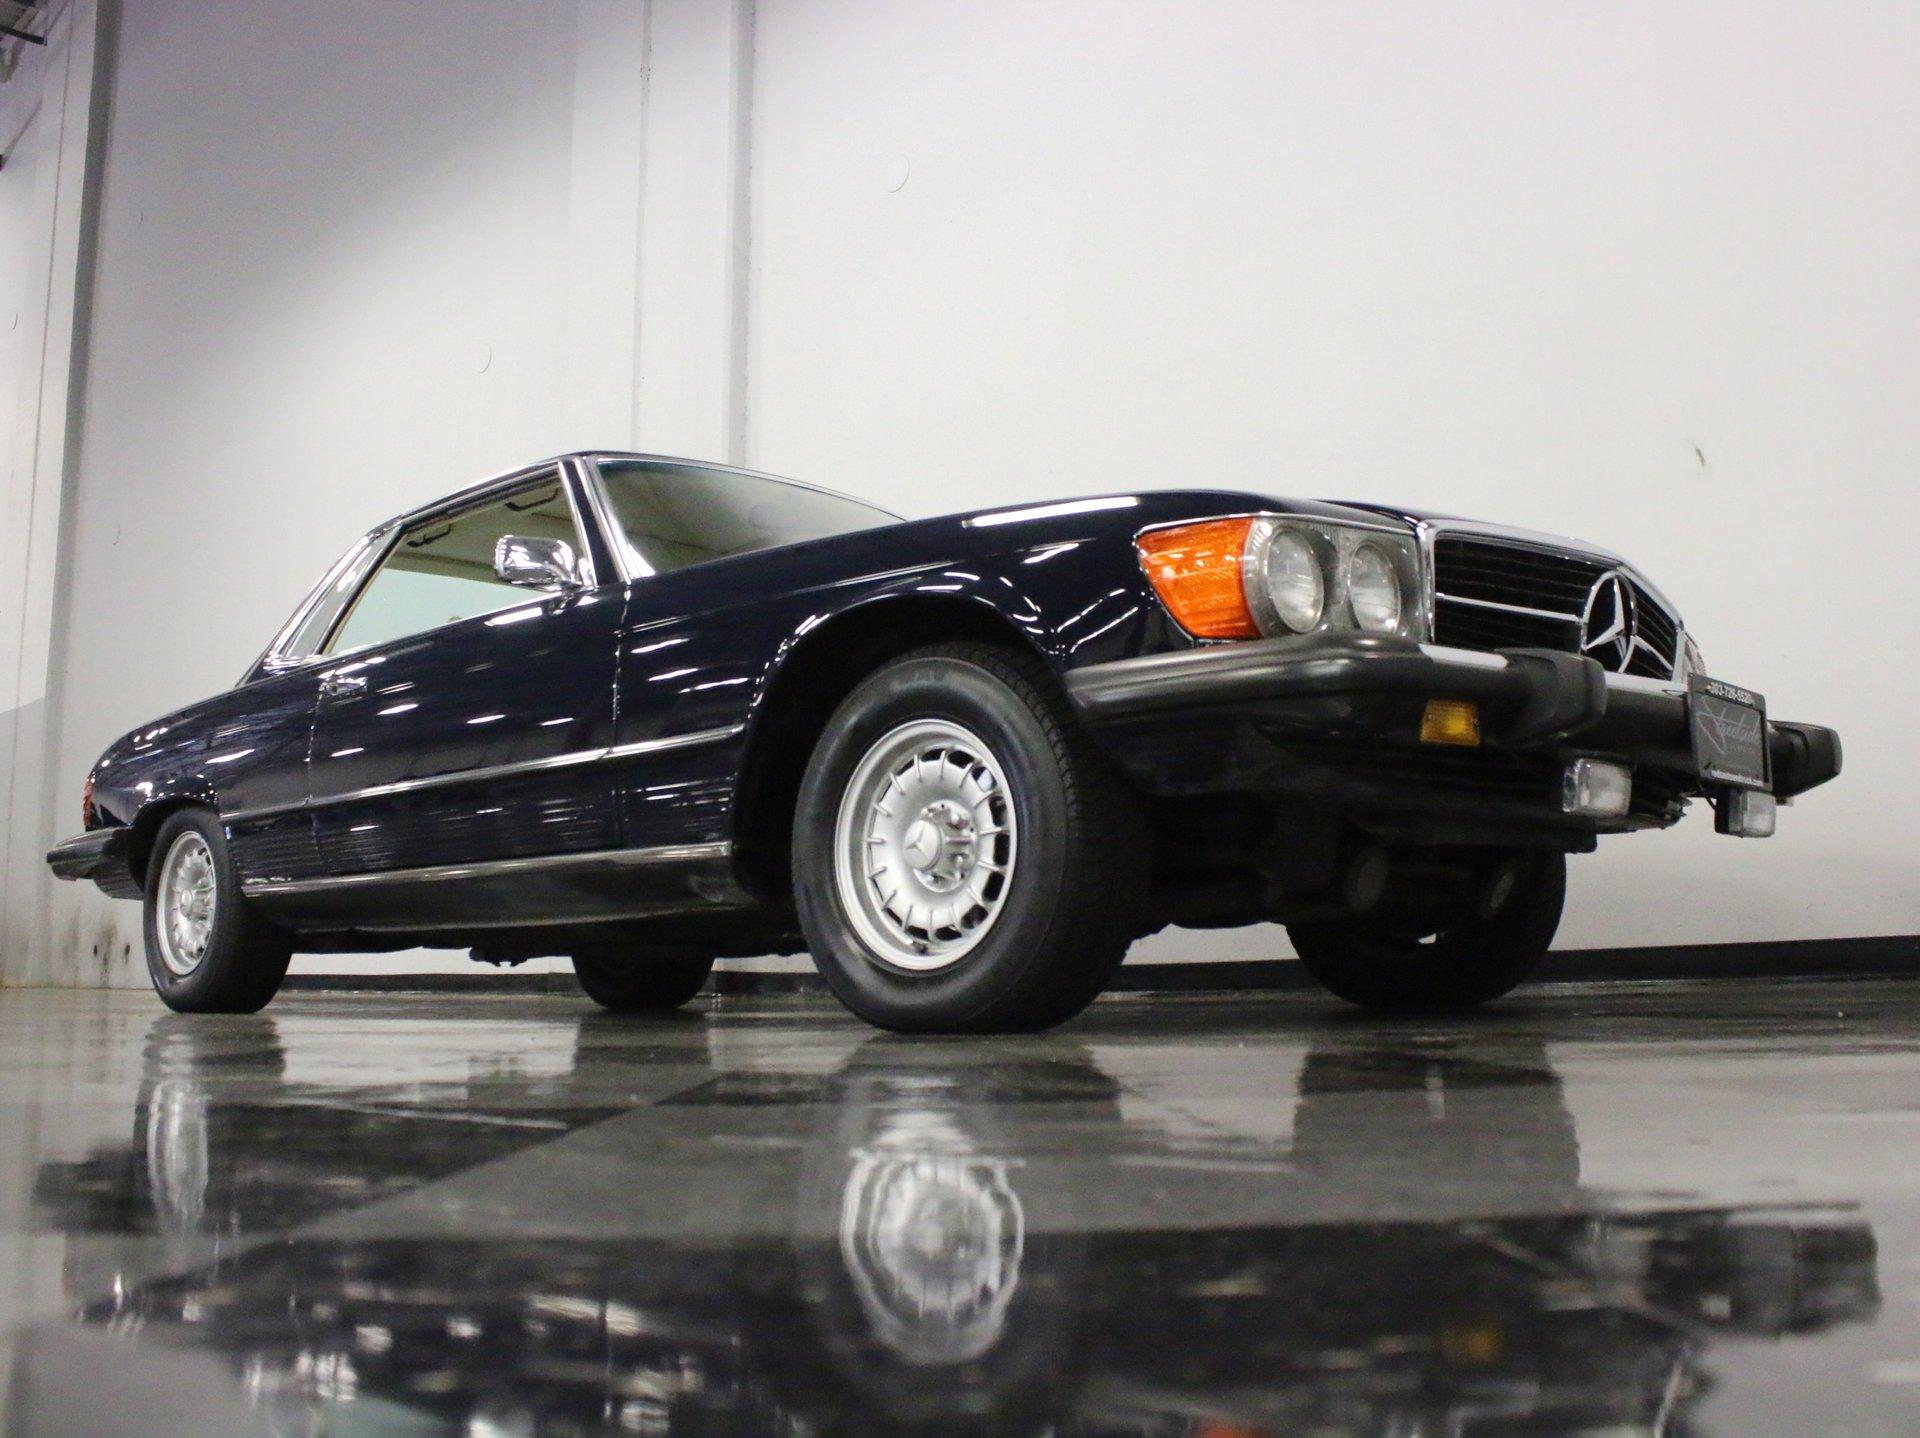 1974 Mercedes-Benz 450SLC | Streetside Classics - The